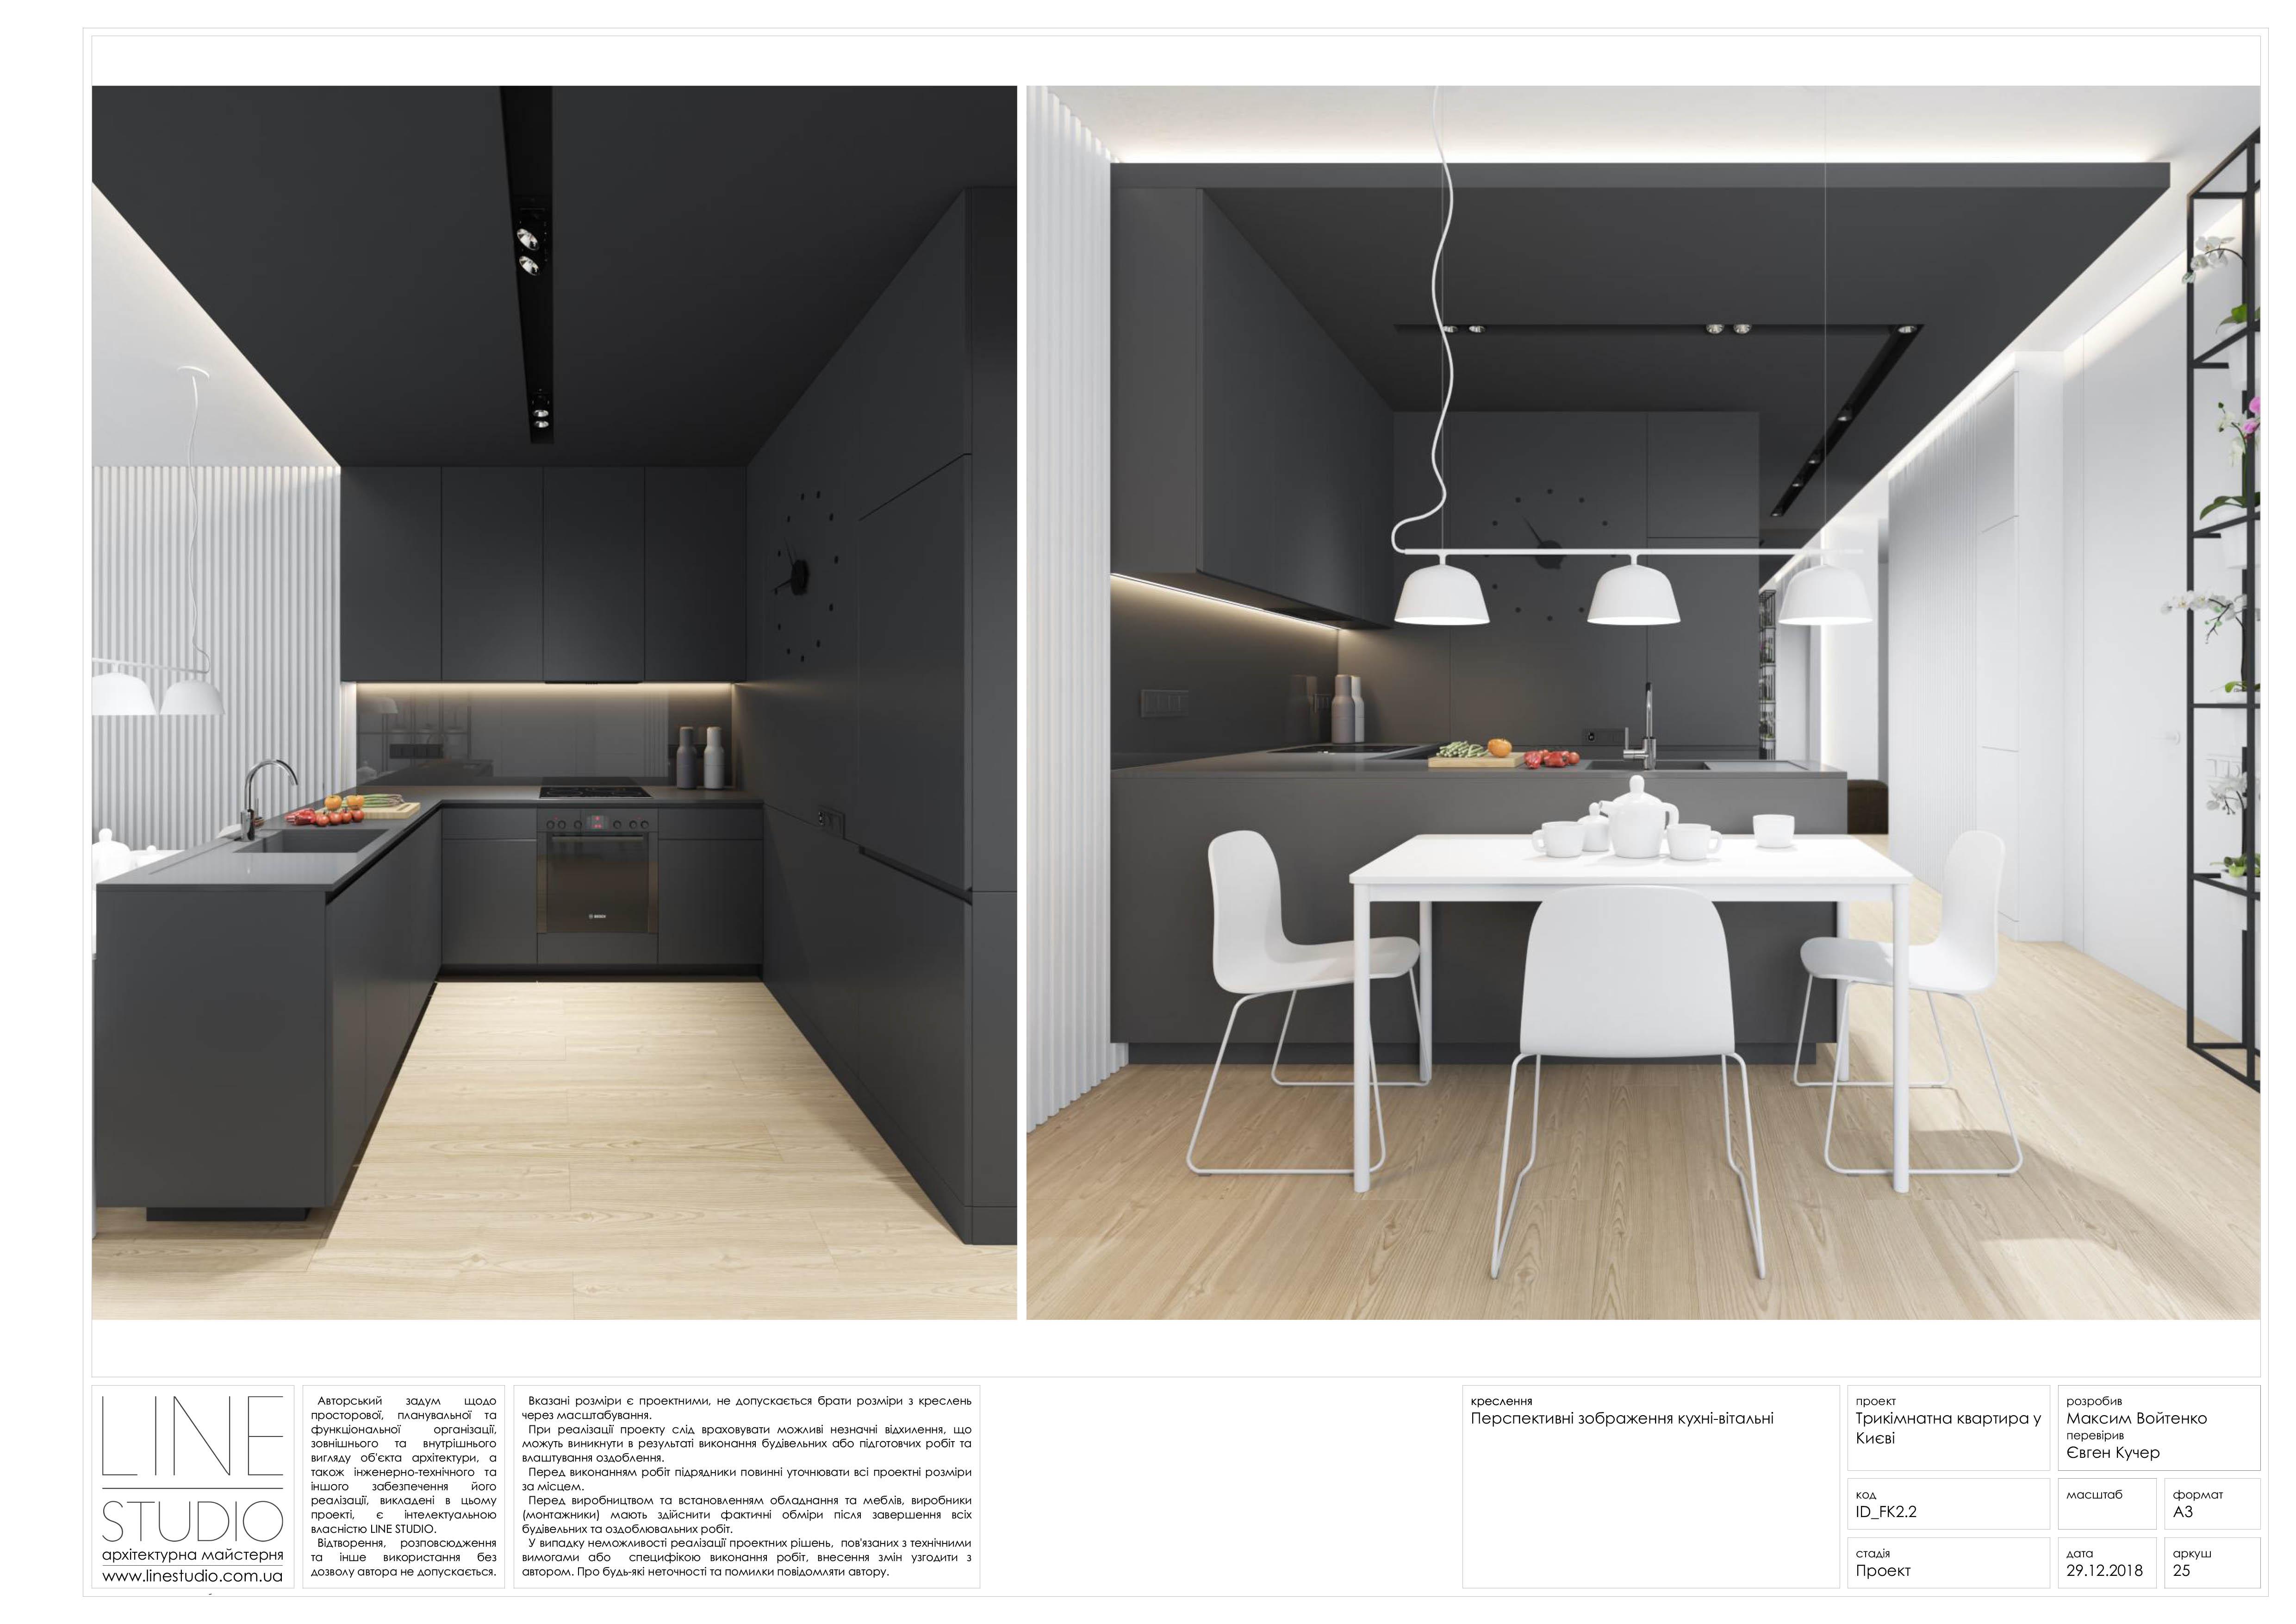 25_fk2.2_Перспективні зображення кухні